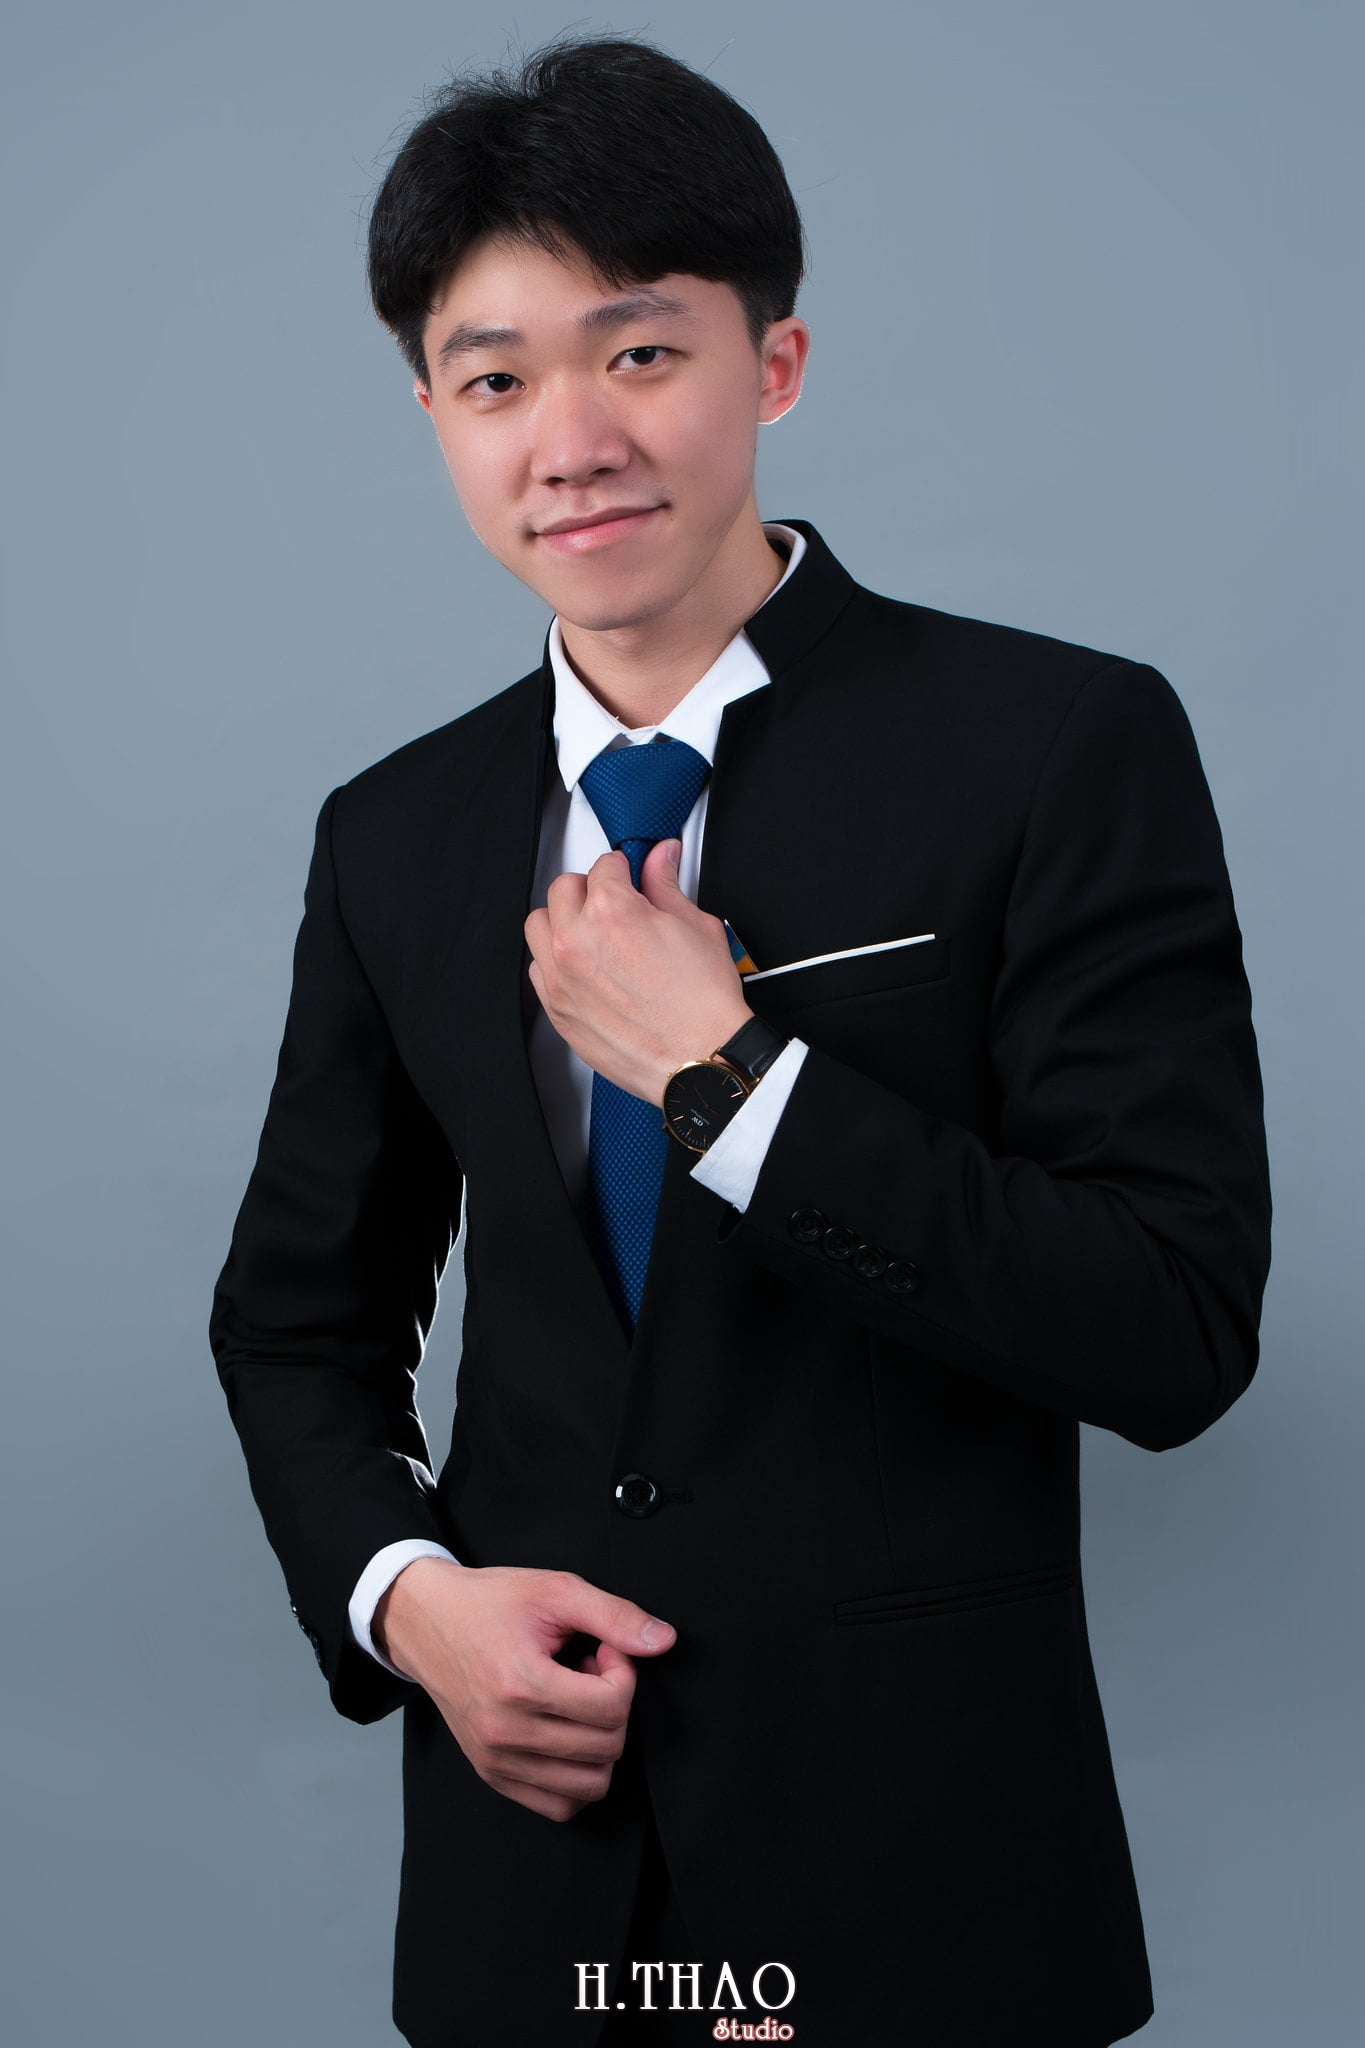 Ảnh profile công ty chuyên nghiệp